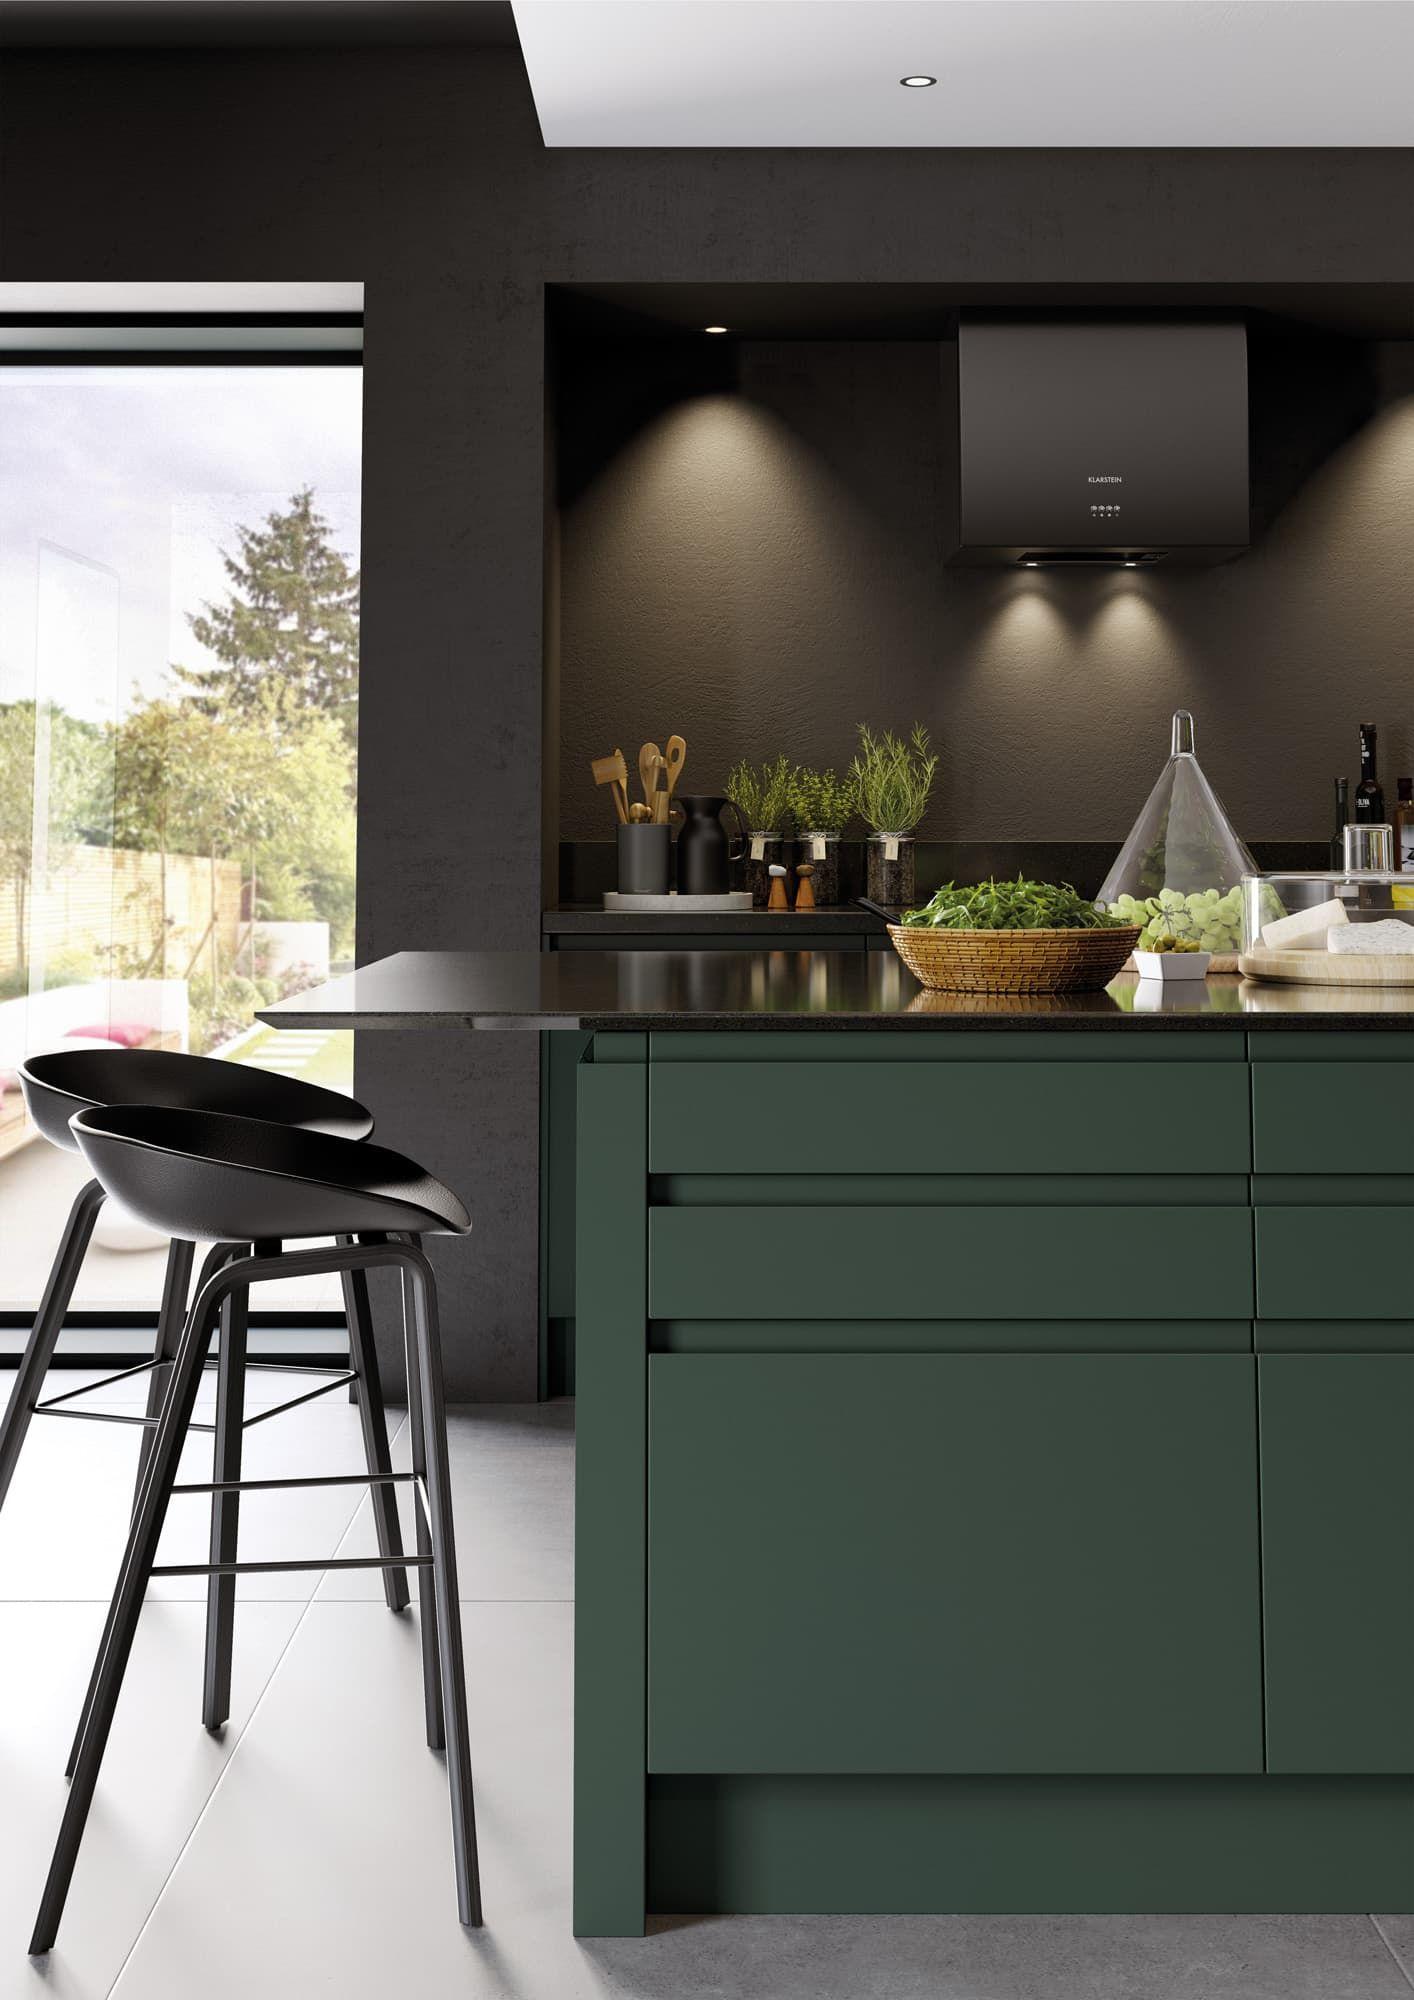 Green Walls Kitchen Design